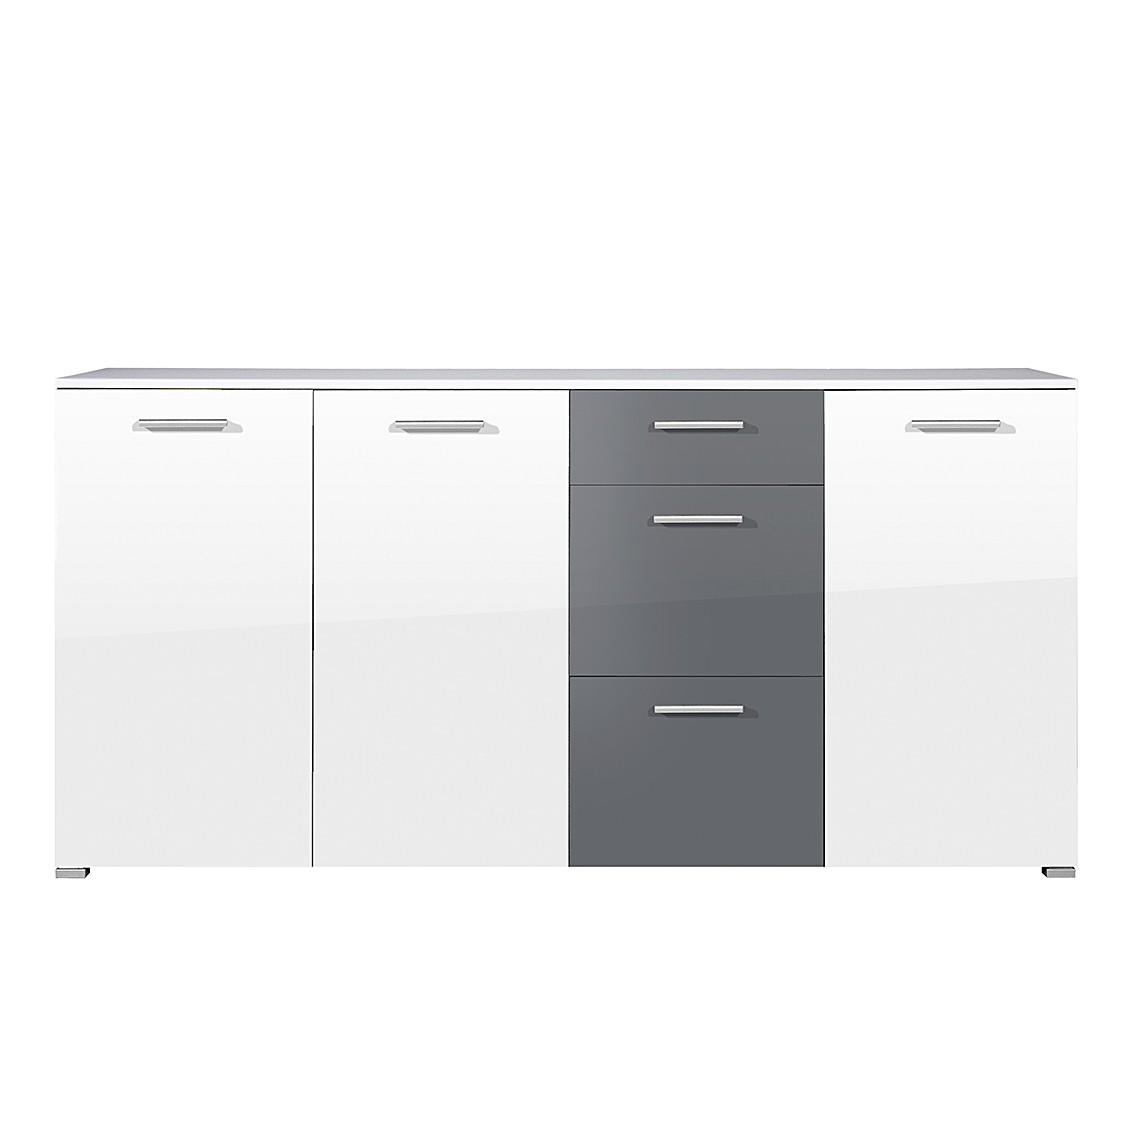 Sideboard SiO - Hochglanz Weiß/Grau - 3 Türen